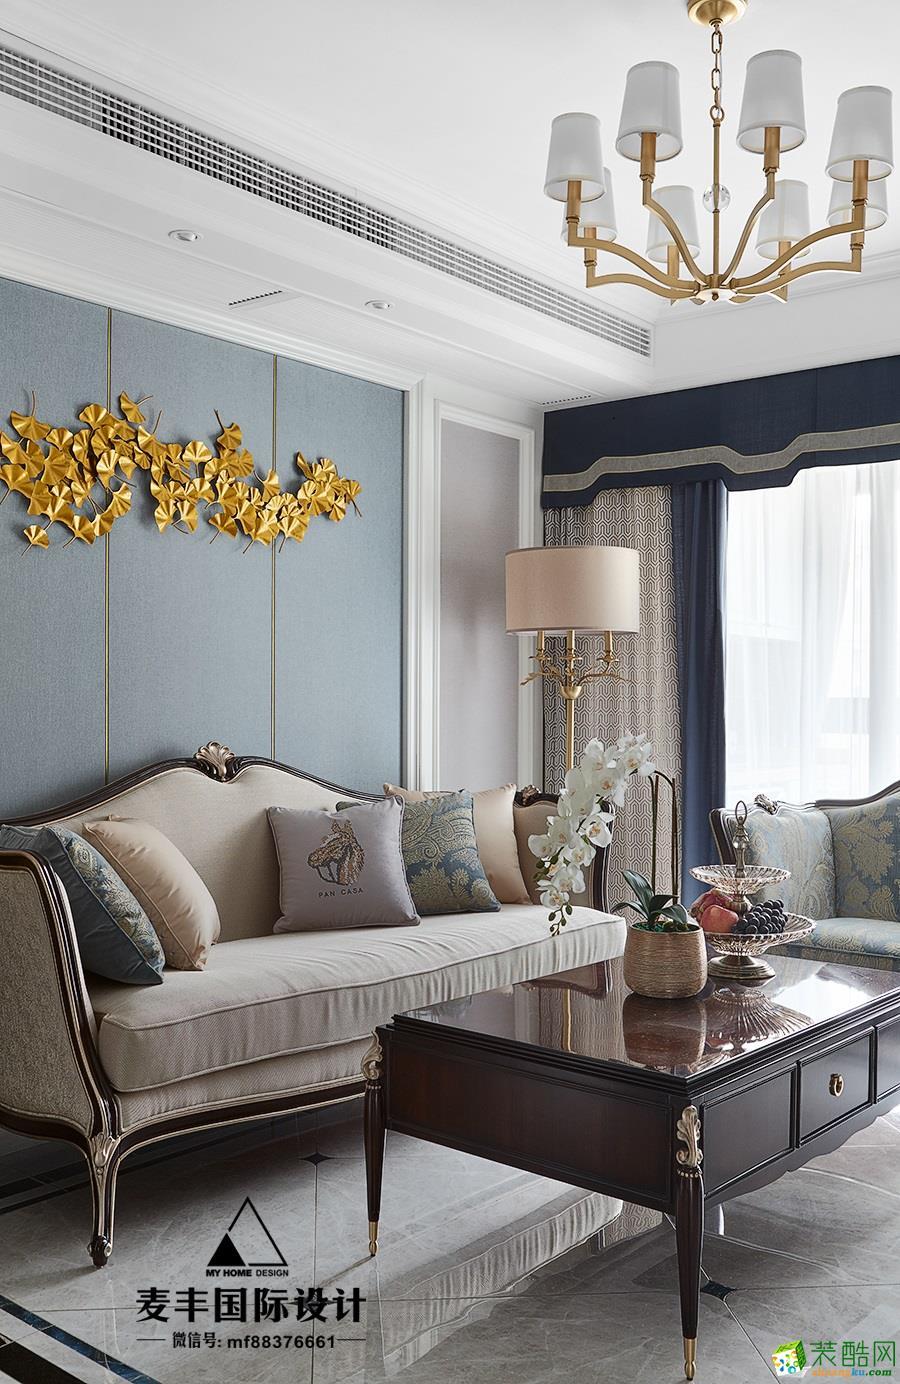 诸暨89�O两室两厅一卫装修―麦丰装饰美式风格设计效果图